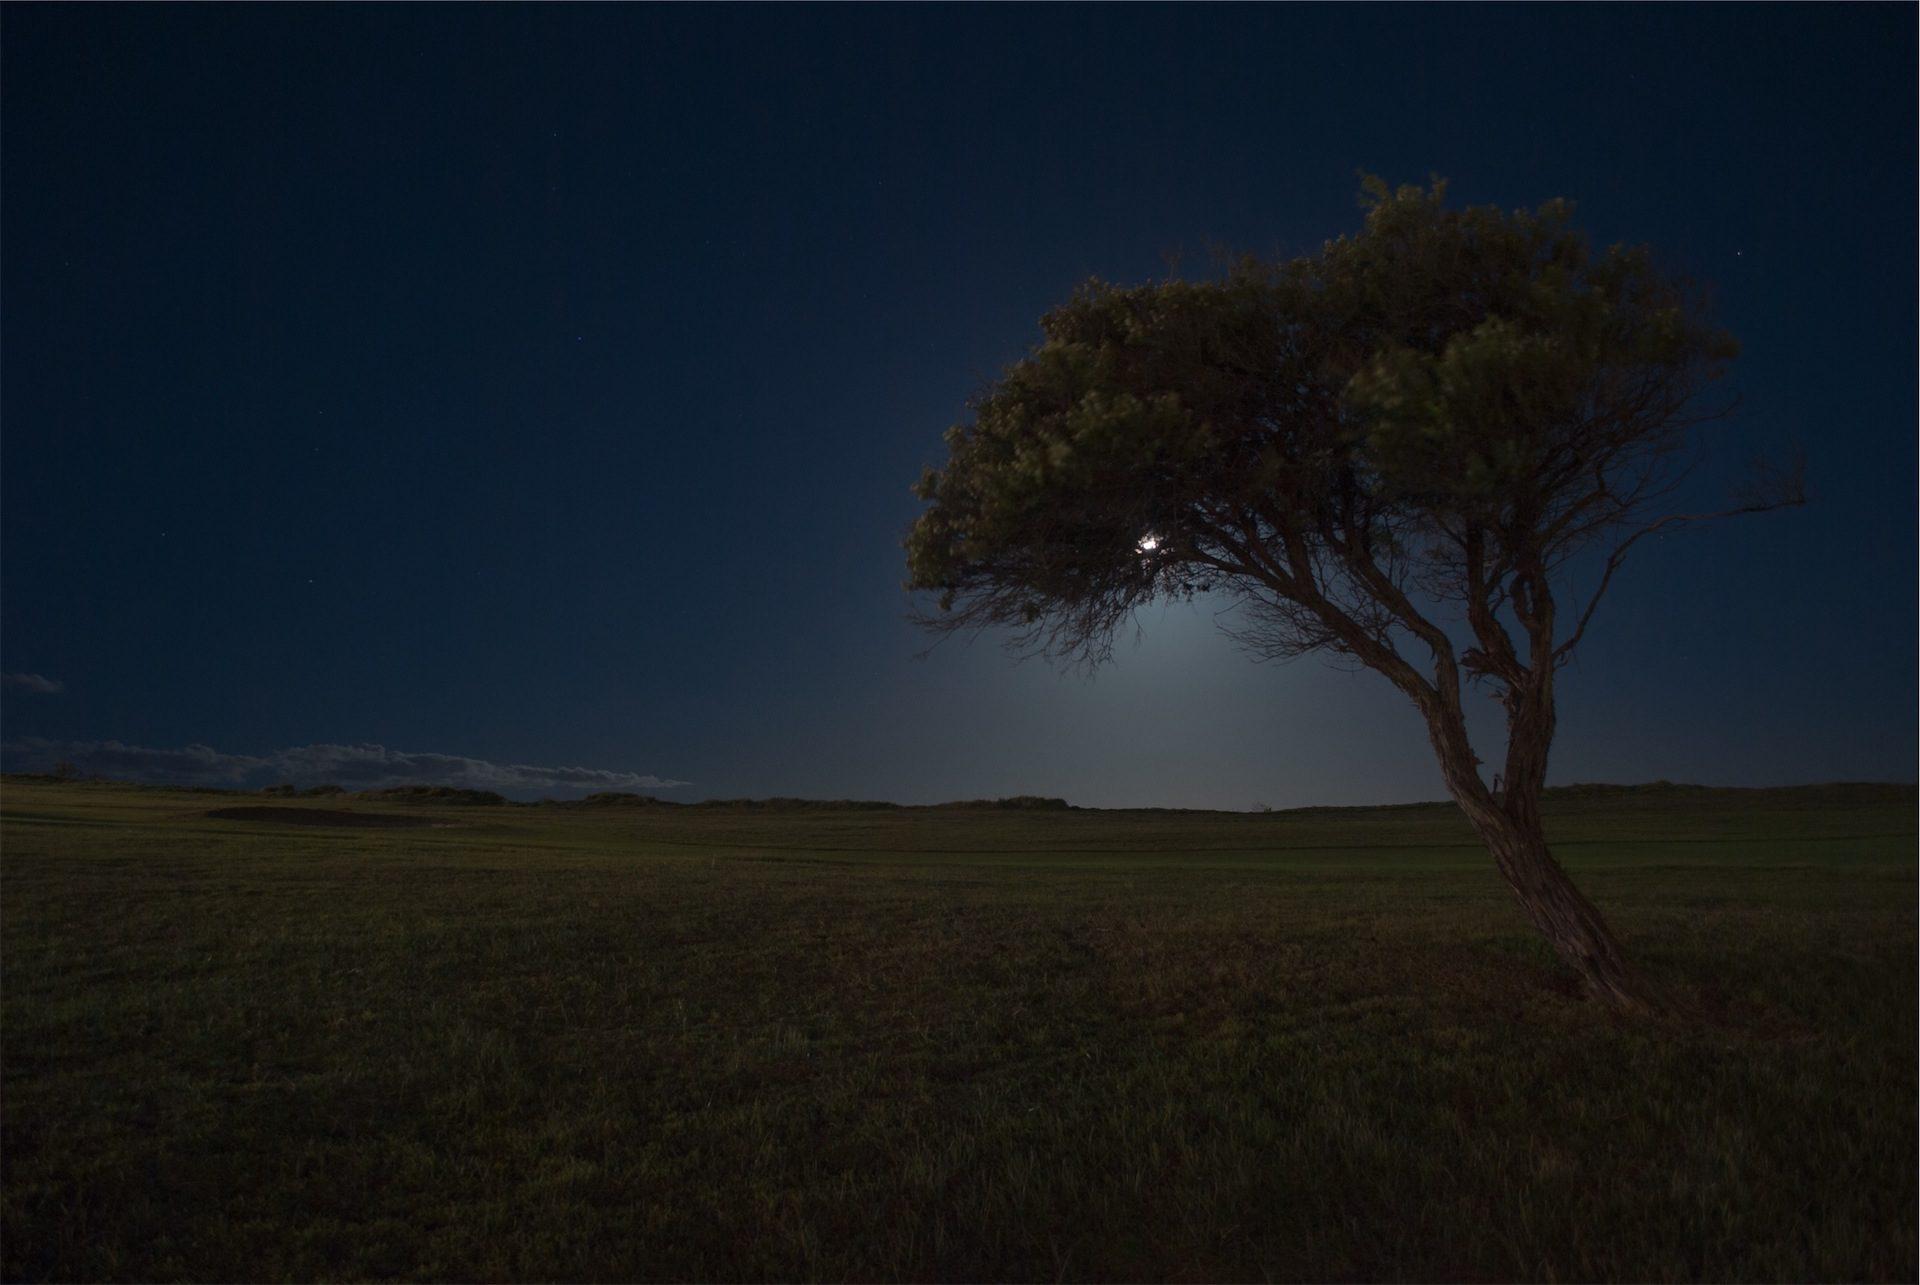 δέντρο, νύχτα, Φεγγάρι, λάμψη, Soledad - Wallpapers HD - Professor-falken.com